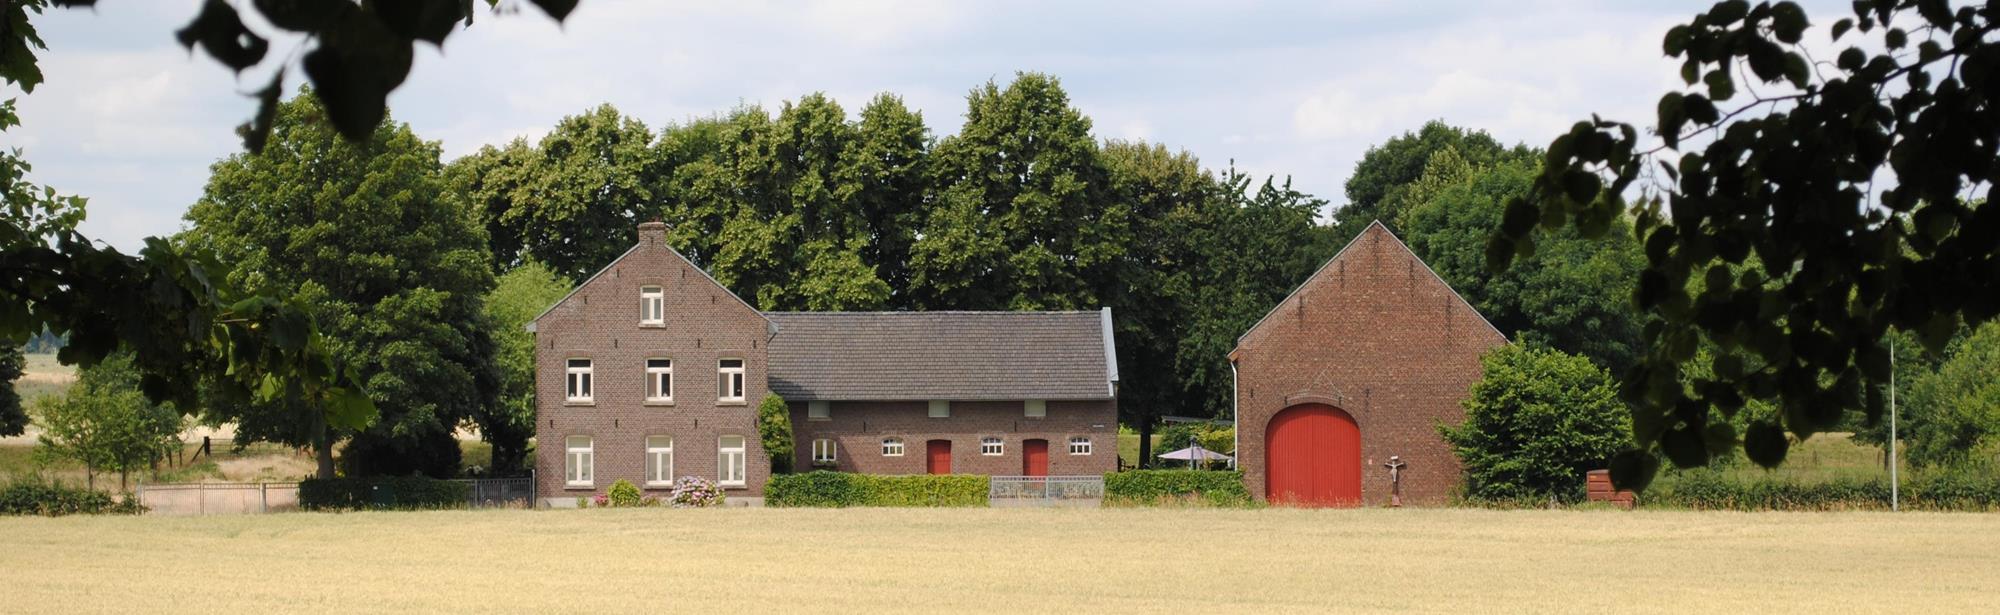 Buitenplaats Bunde